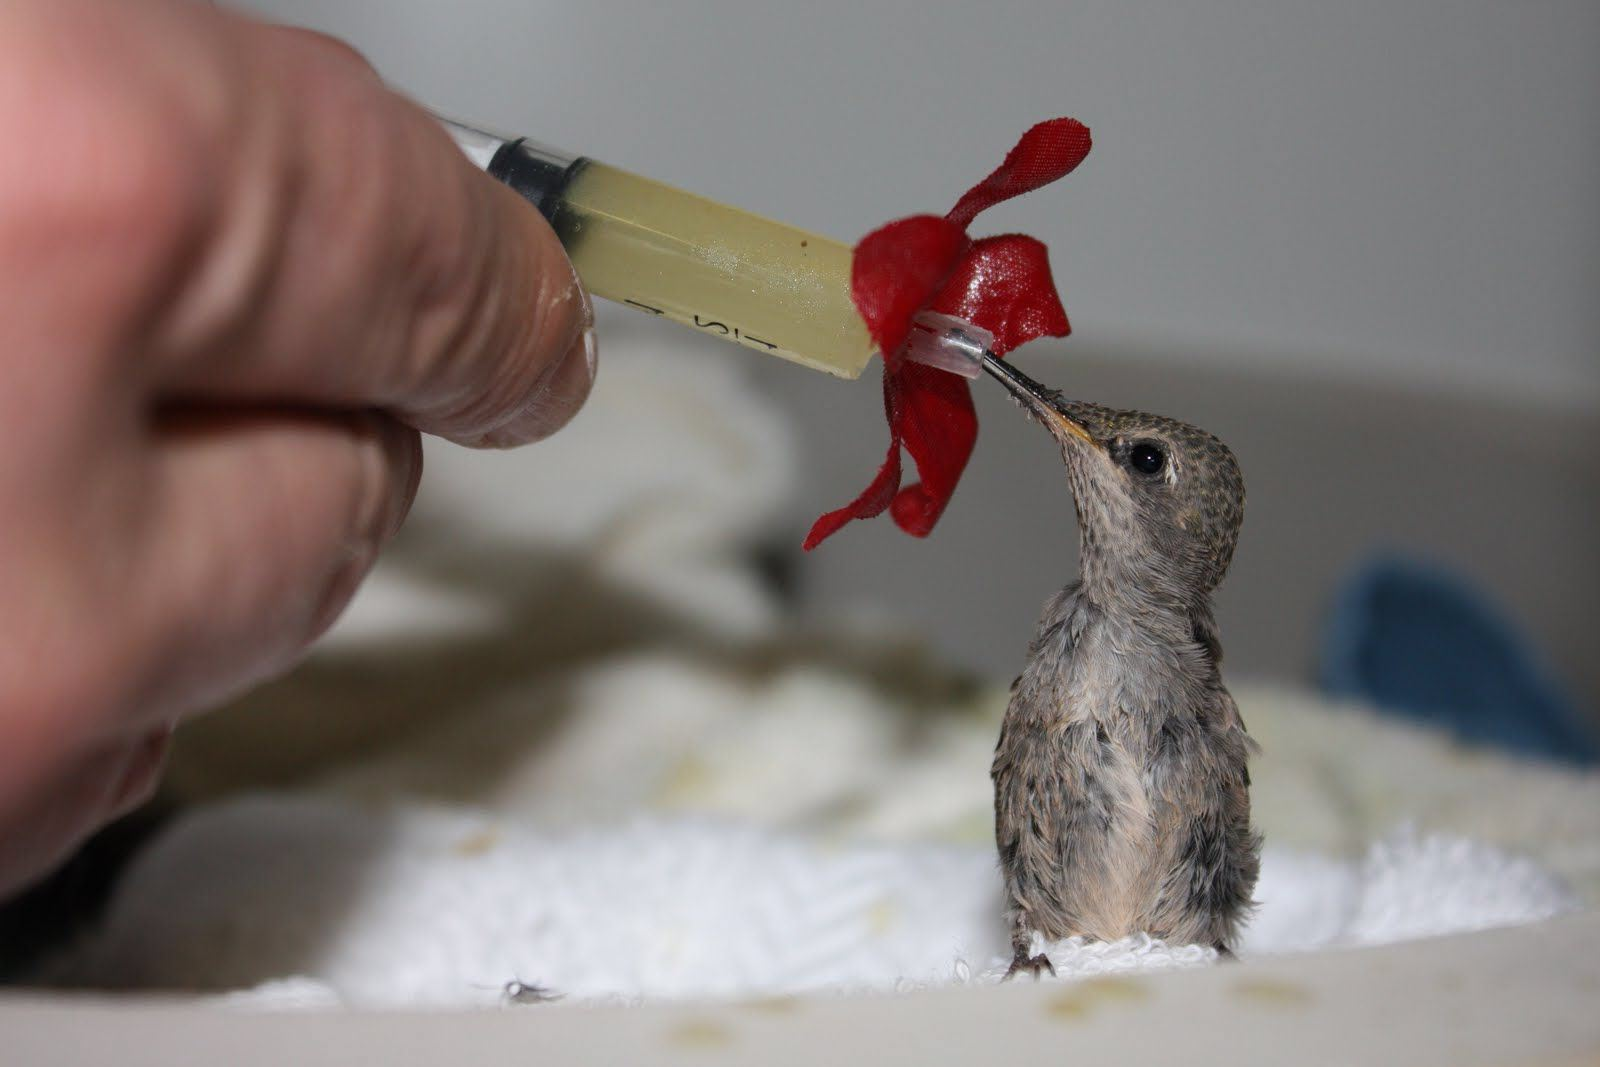 Baby Hummingbird Feeding